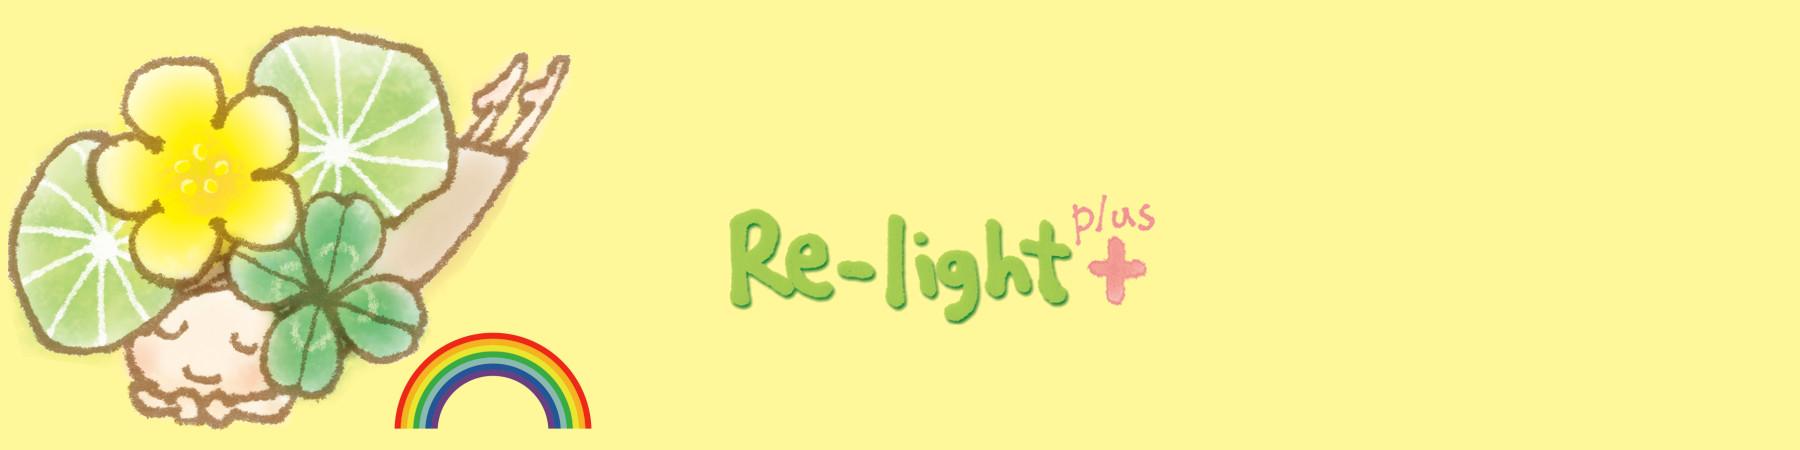 Re-light+ (リライトプラス)